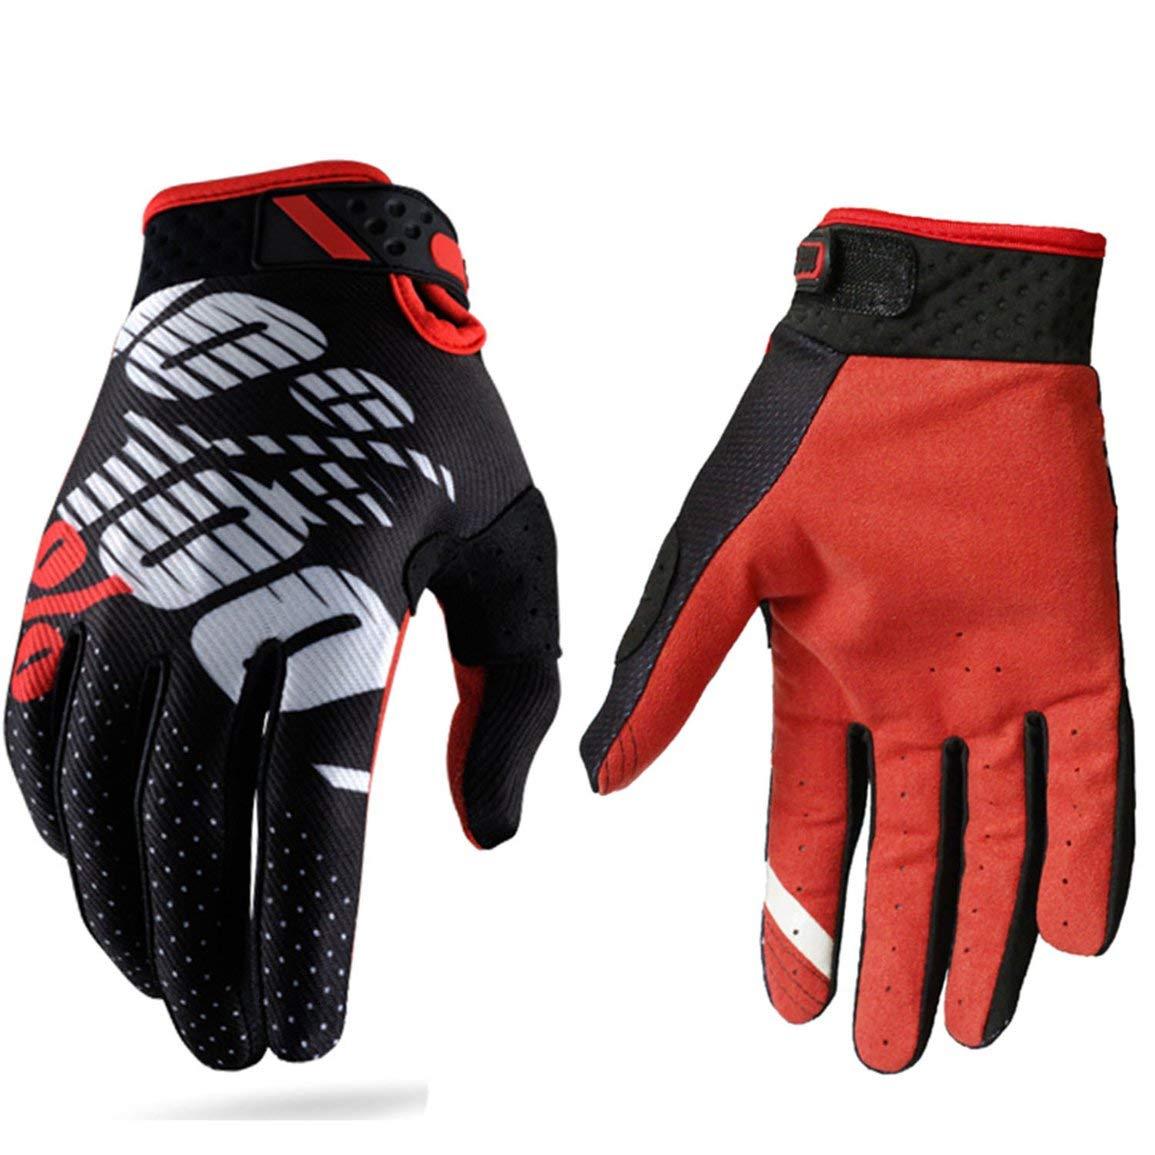 [해외]남자와 여자의 장갑을 위한 레이스 장갑 승마 크로스 모터 바이크 라이더 보호 장갑 아웃 도어 스포츠 손 / Race Gloves for men and women gloves riding motocross motor bike rider protective gloves outdoor sports hand